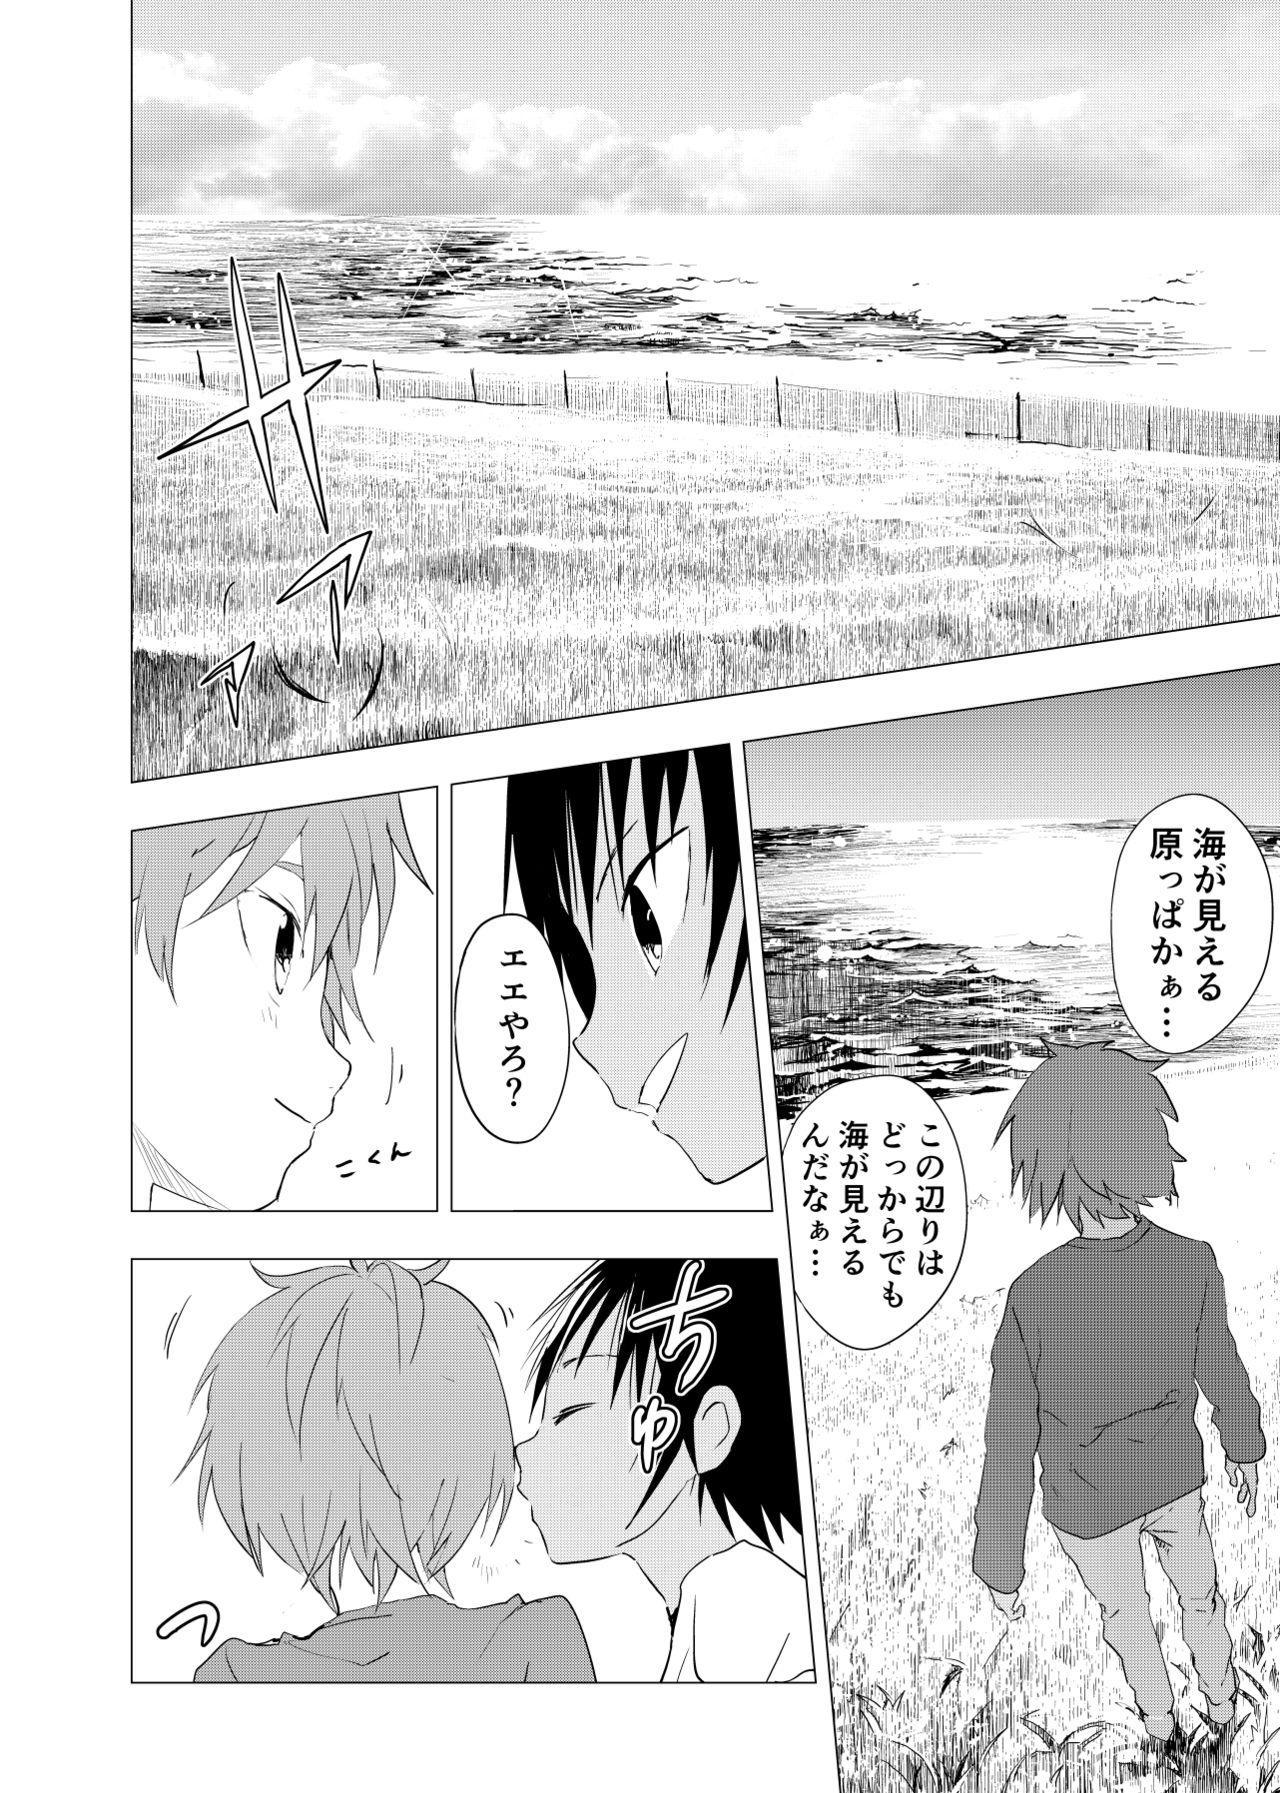 Inaka no Uke Shounen to Tokai no Seme Shounen no Ero Manga 1-6 141